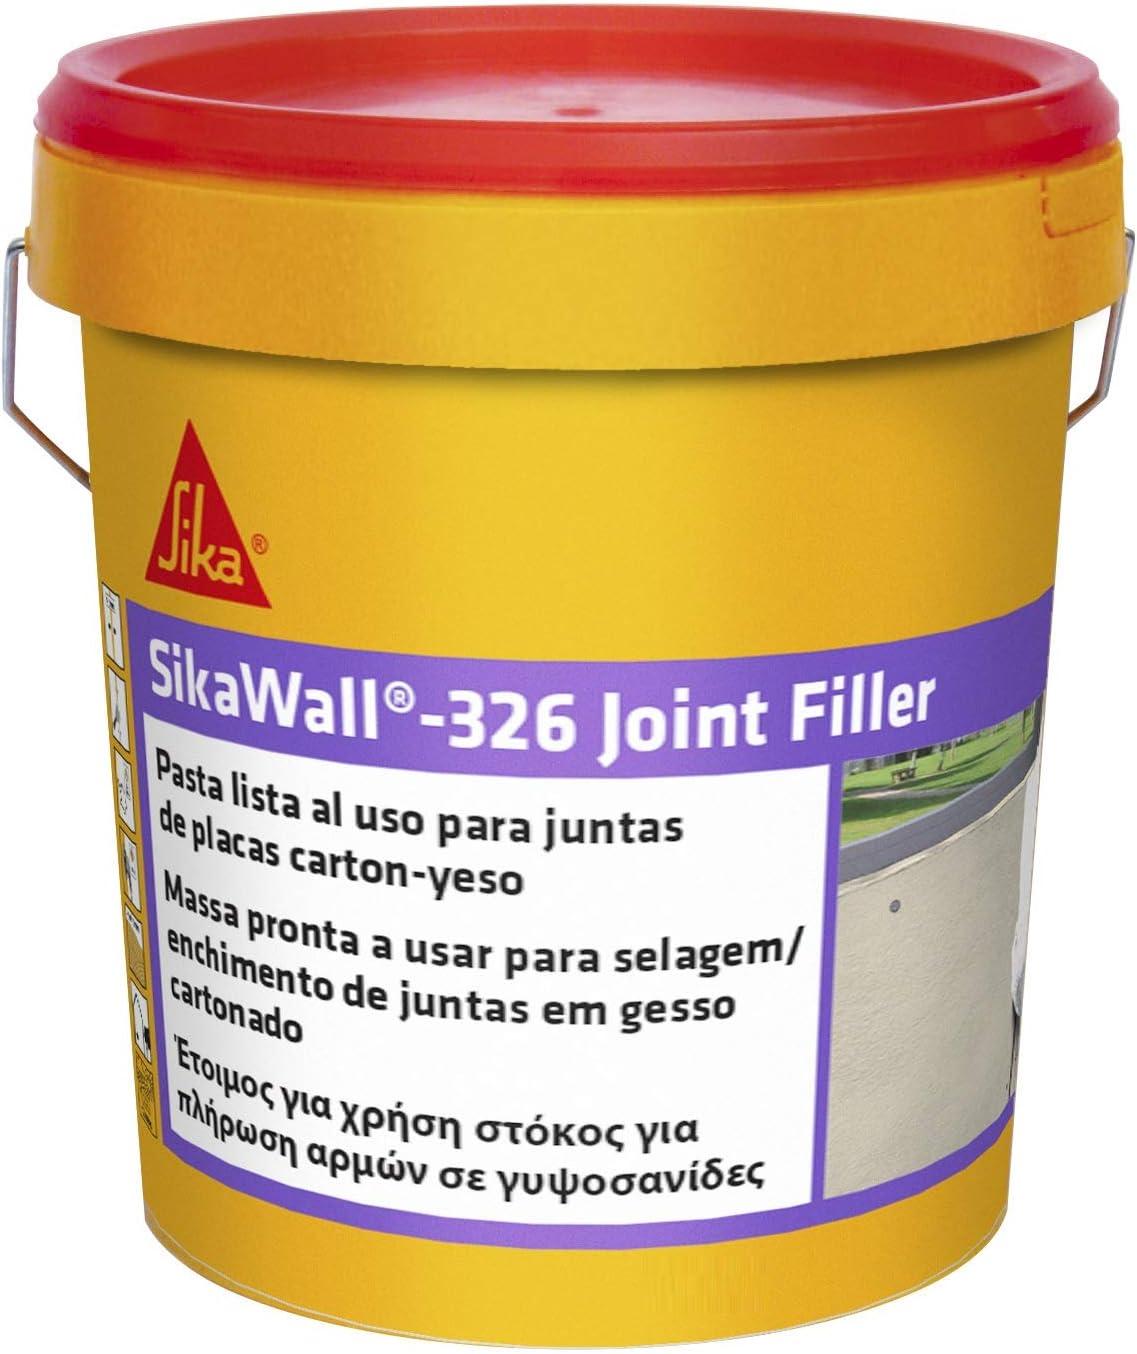 Sika 326 Joint Filler Masilla acrilica Lista al Uso para Juntas de Placa de Yeso Laminado con Cinta de Refuerzo, Blanco, 7kg: Amazon.es: Bricolaje y herramientas